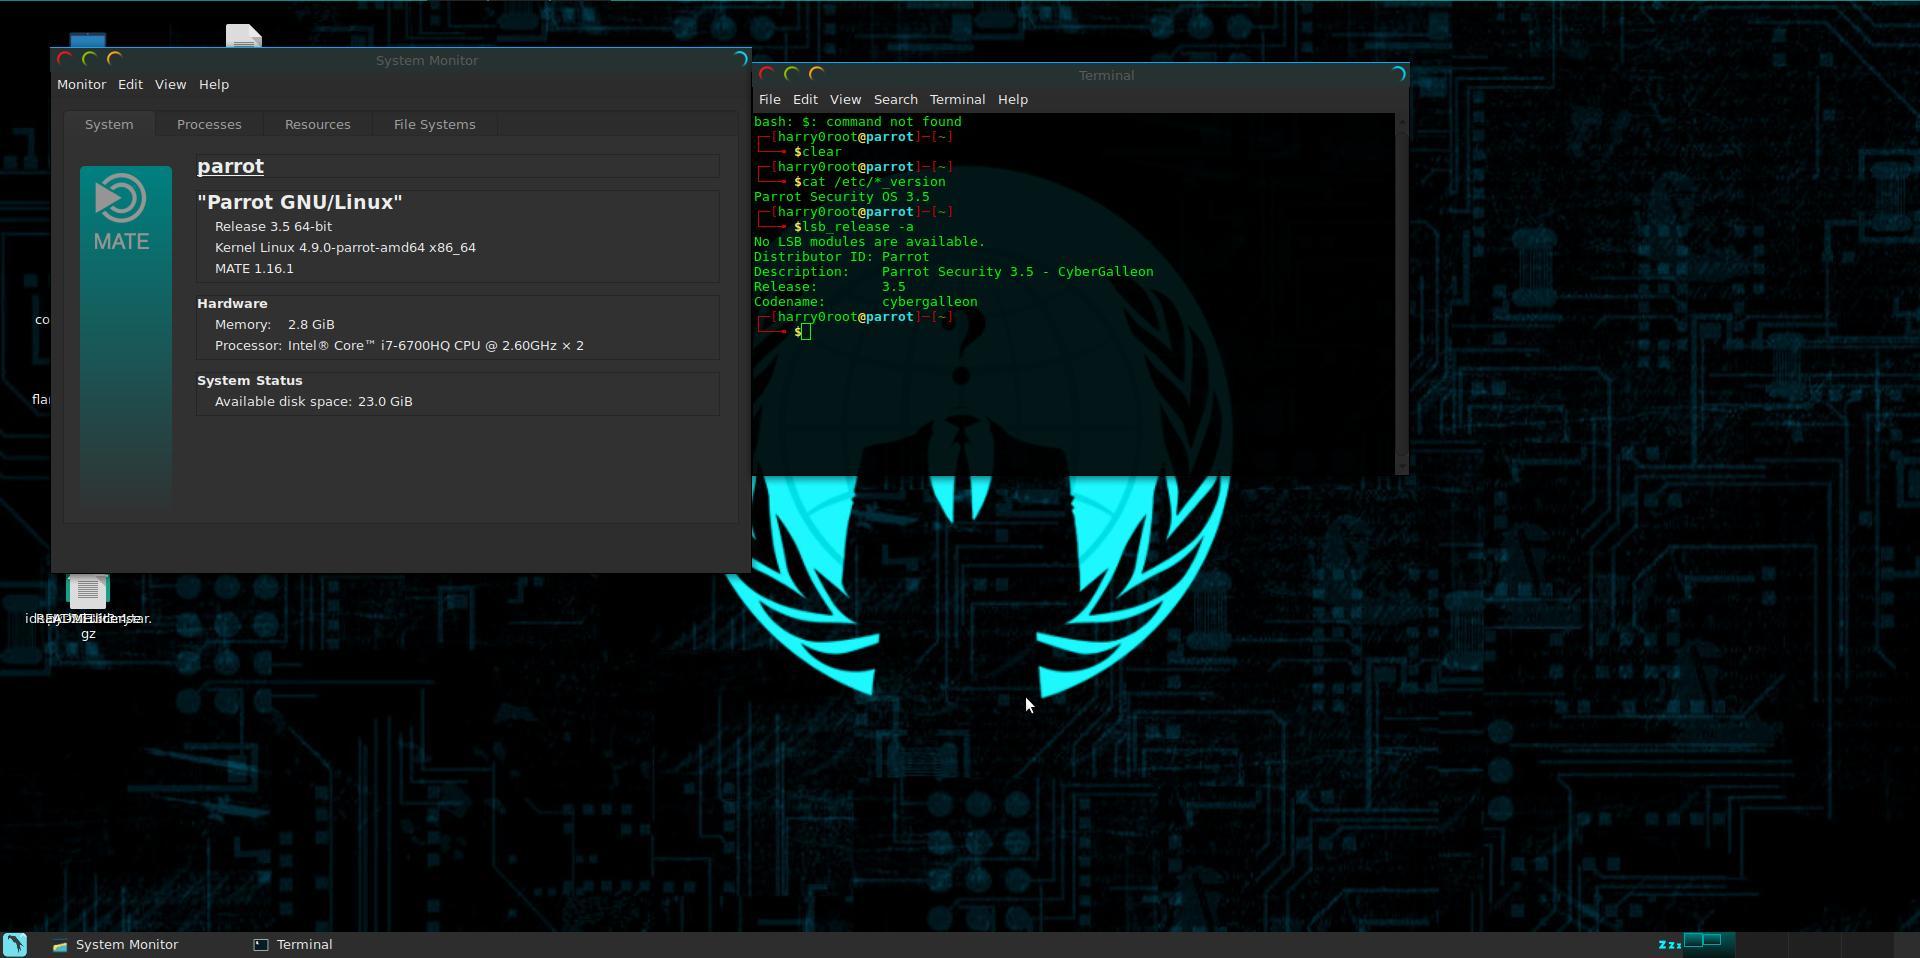 Parrot Security OS 4.0 выпущена с множеством новых мощных инструментов и с обновлениями пакетов